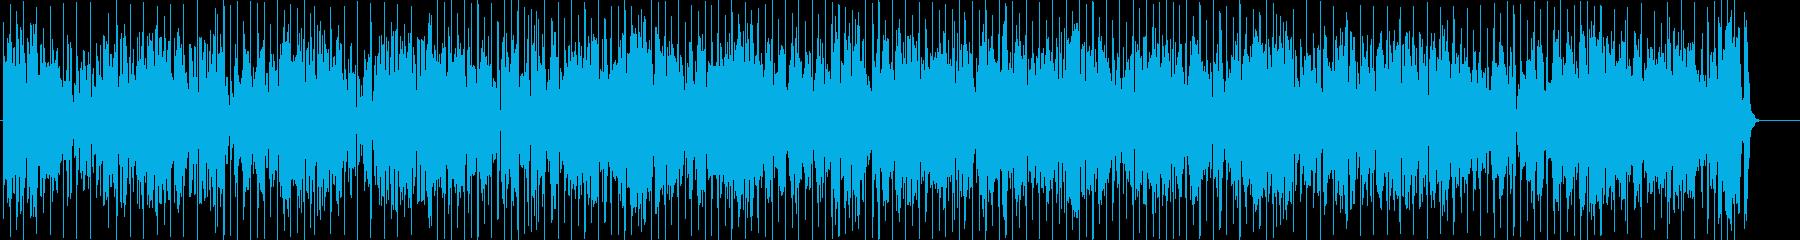 管楽器メインの愉快なフュージョンの再生済みの波形